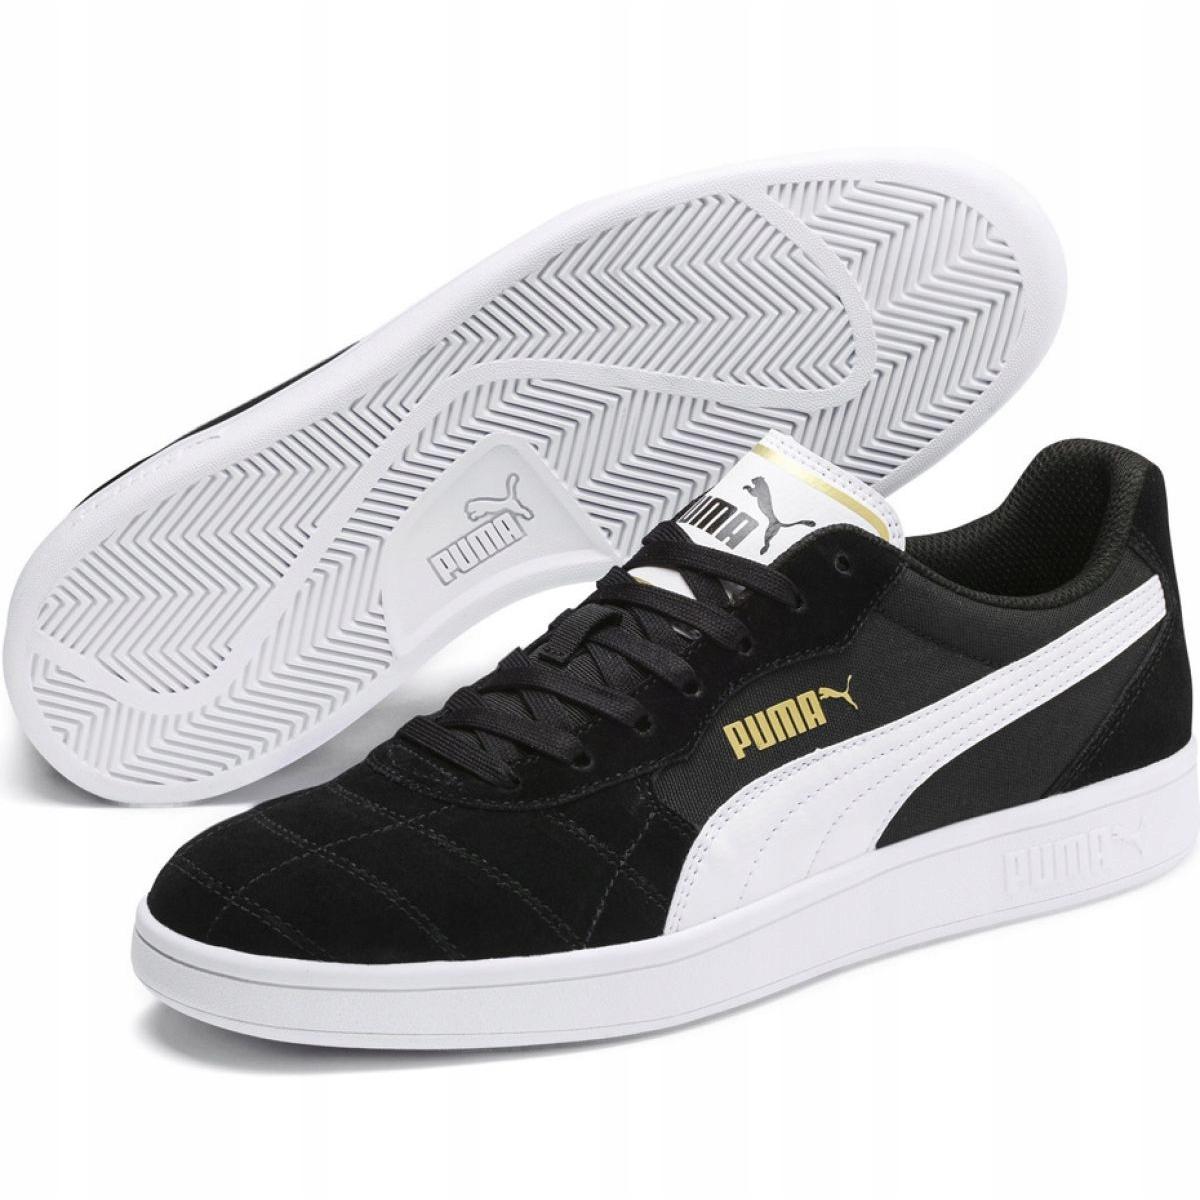 Details about Shoes puma astro kick m 369115 01 black show original title